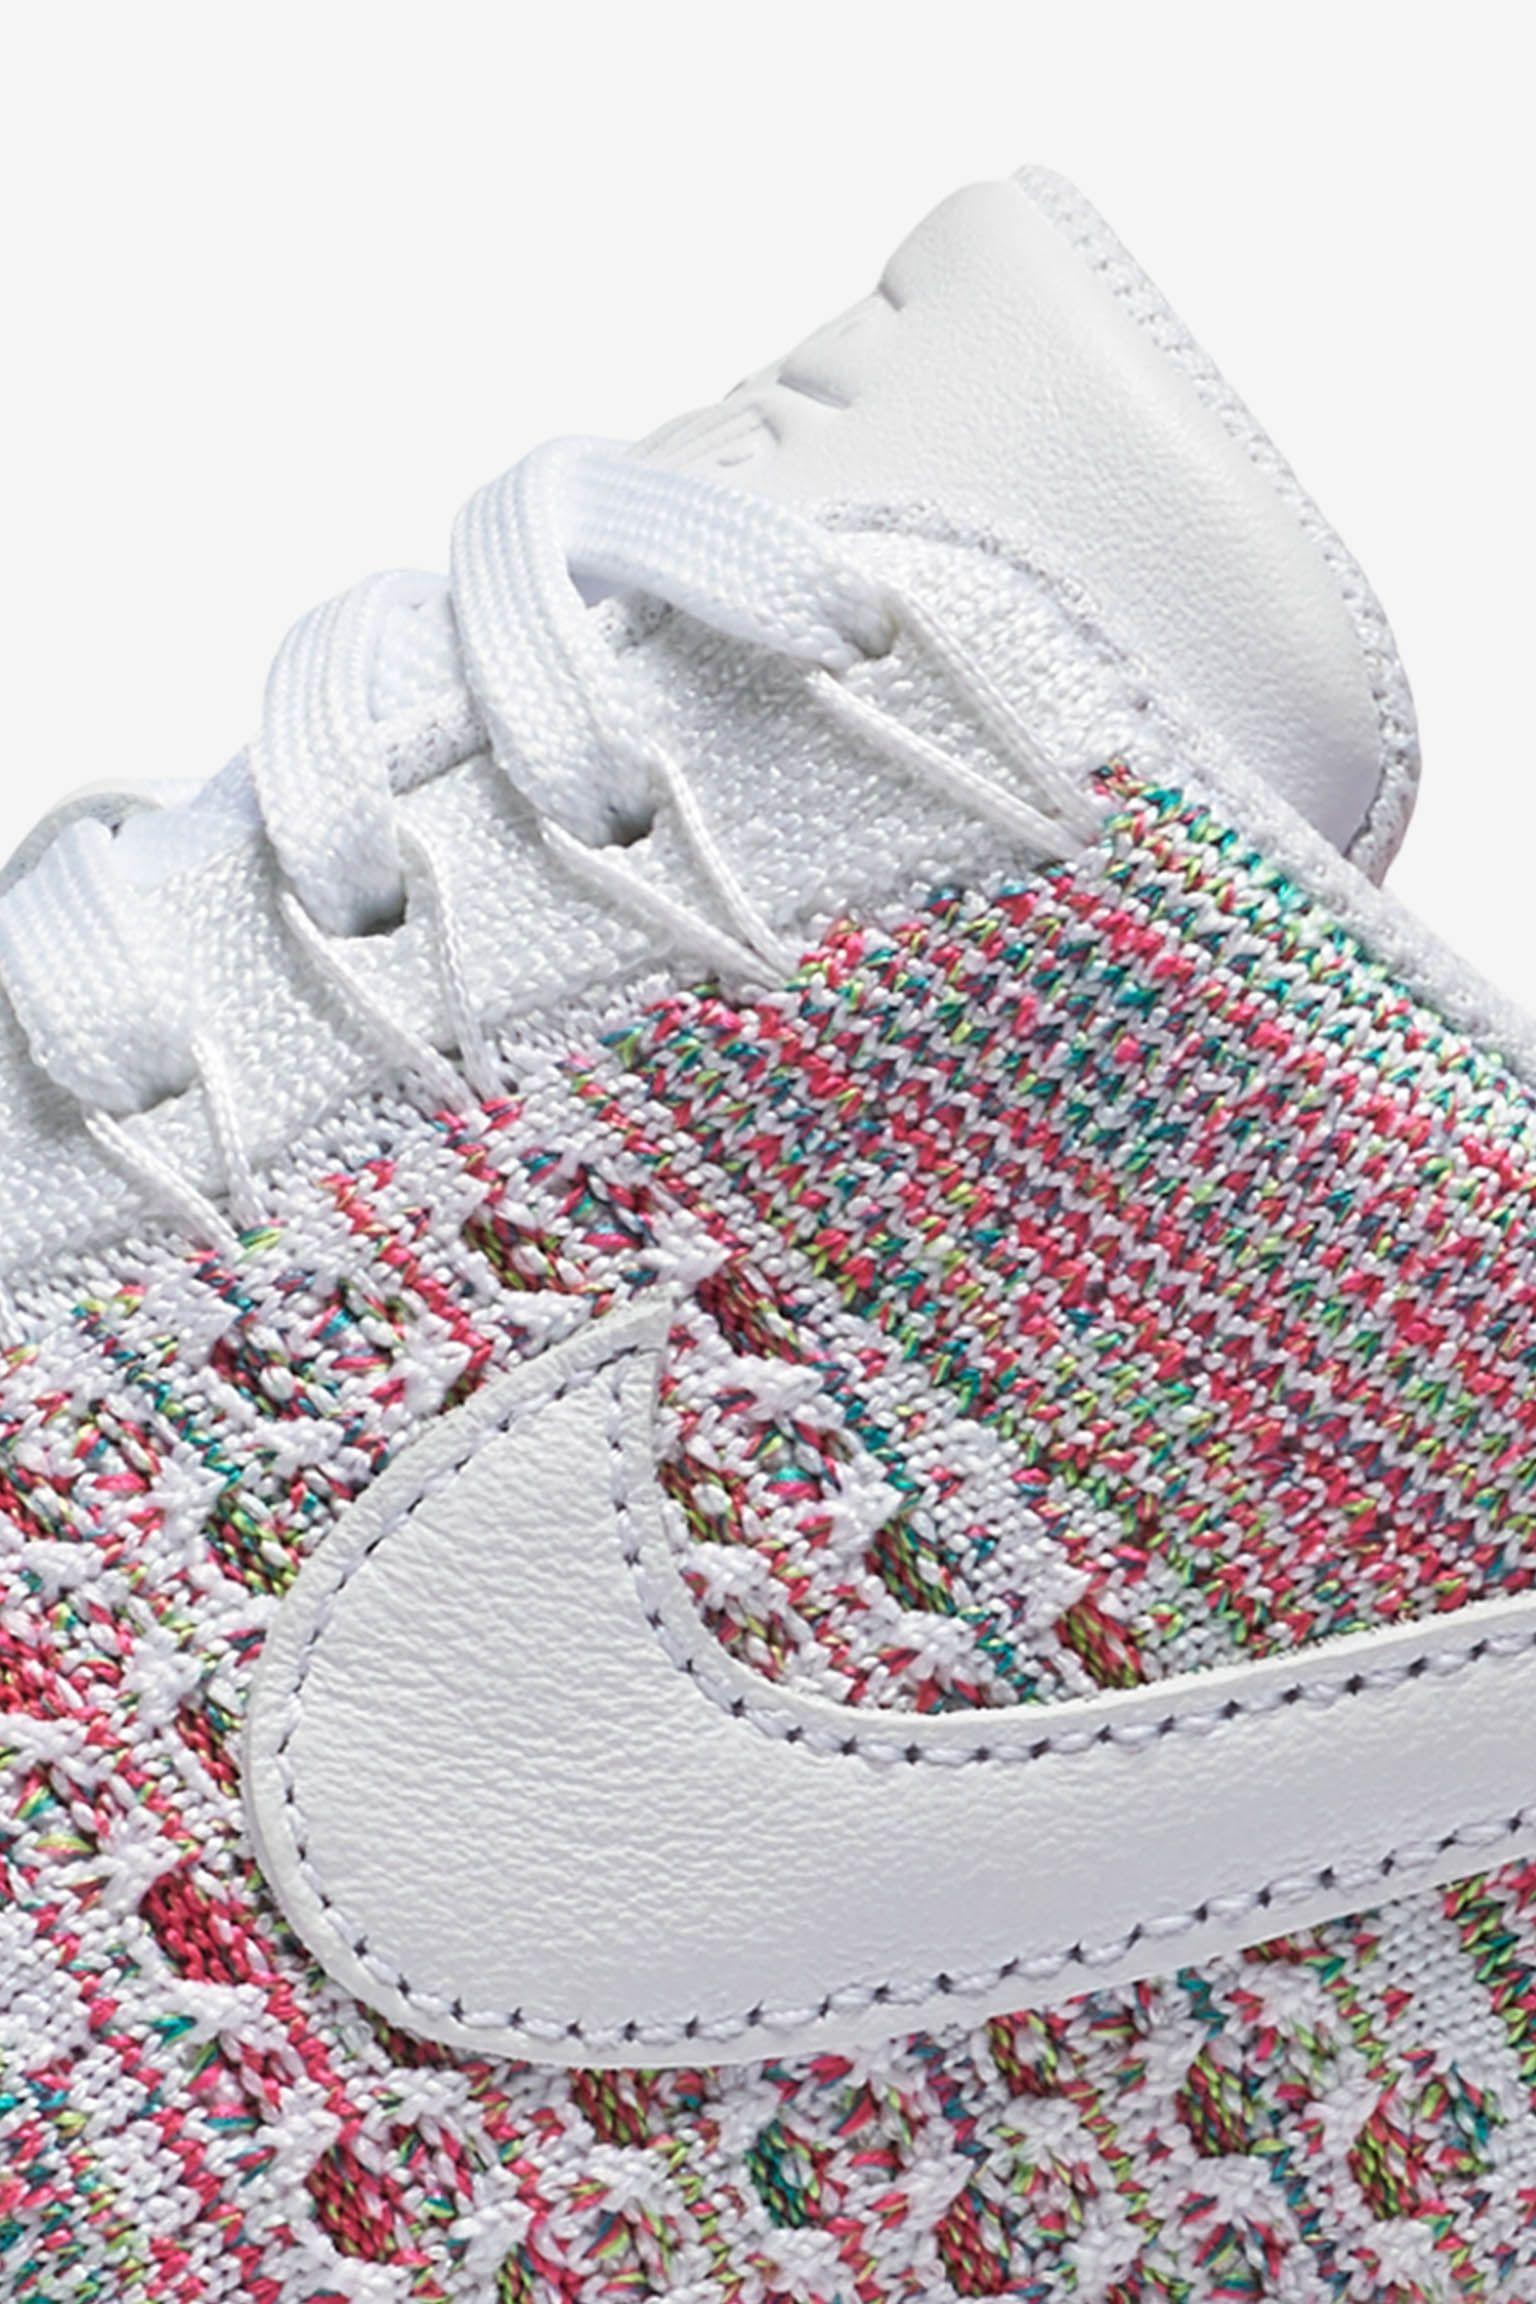 Women's Nike Air Force 1 Ultra Flyknit Low 'Radiant Emerald' Release Date